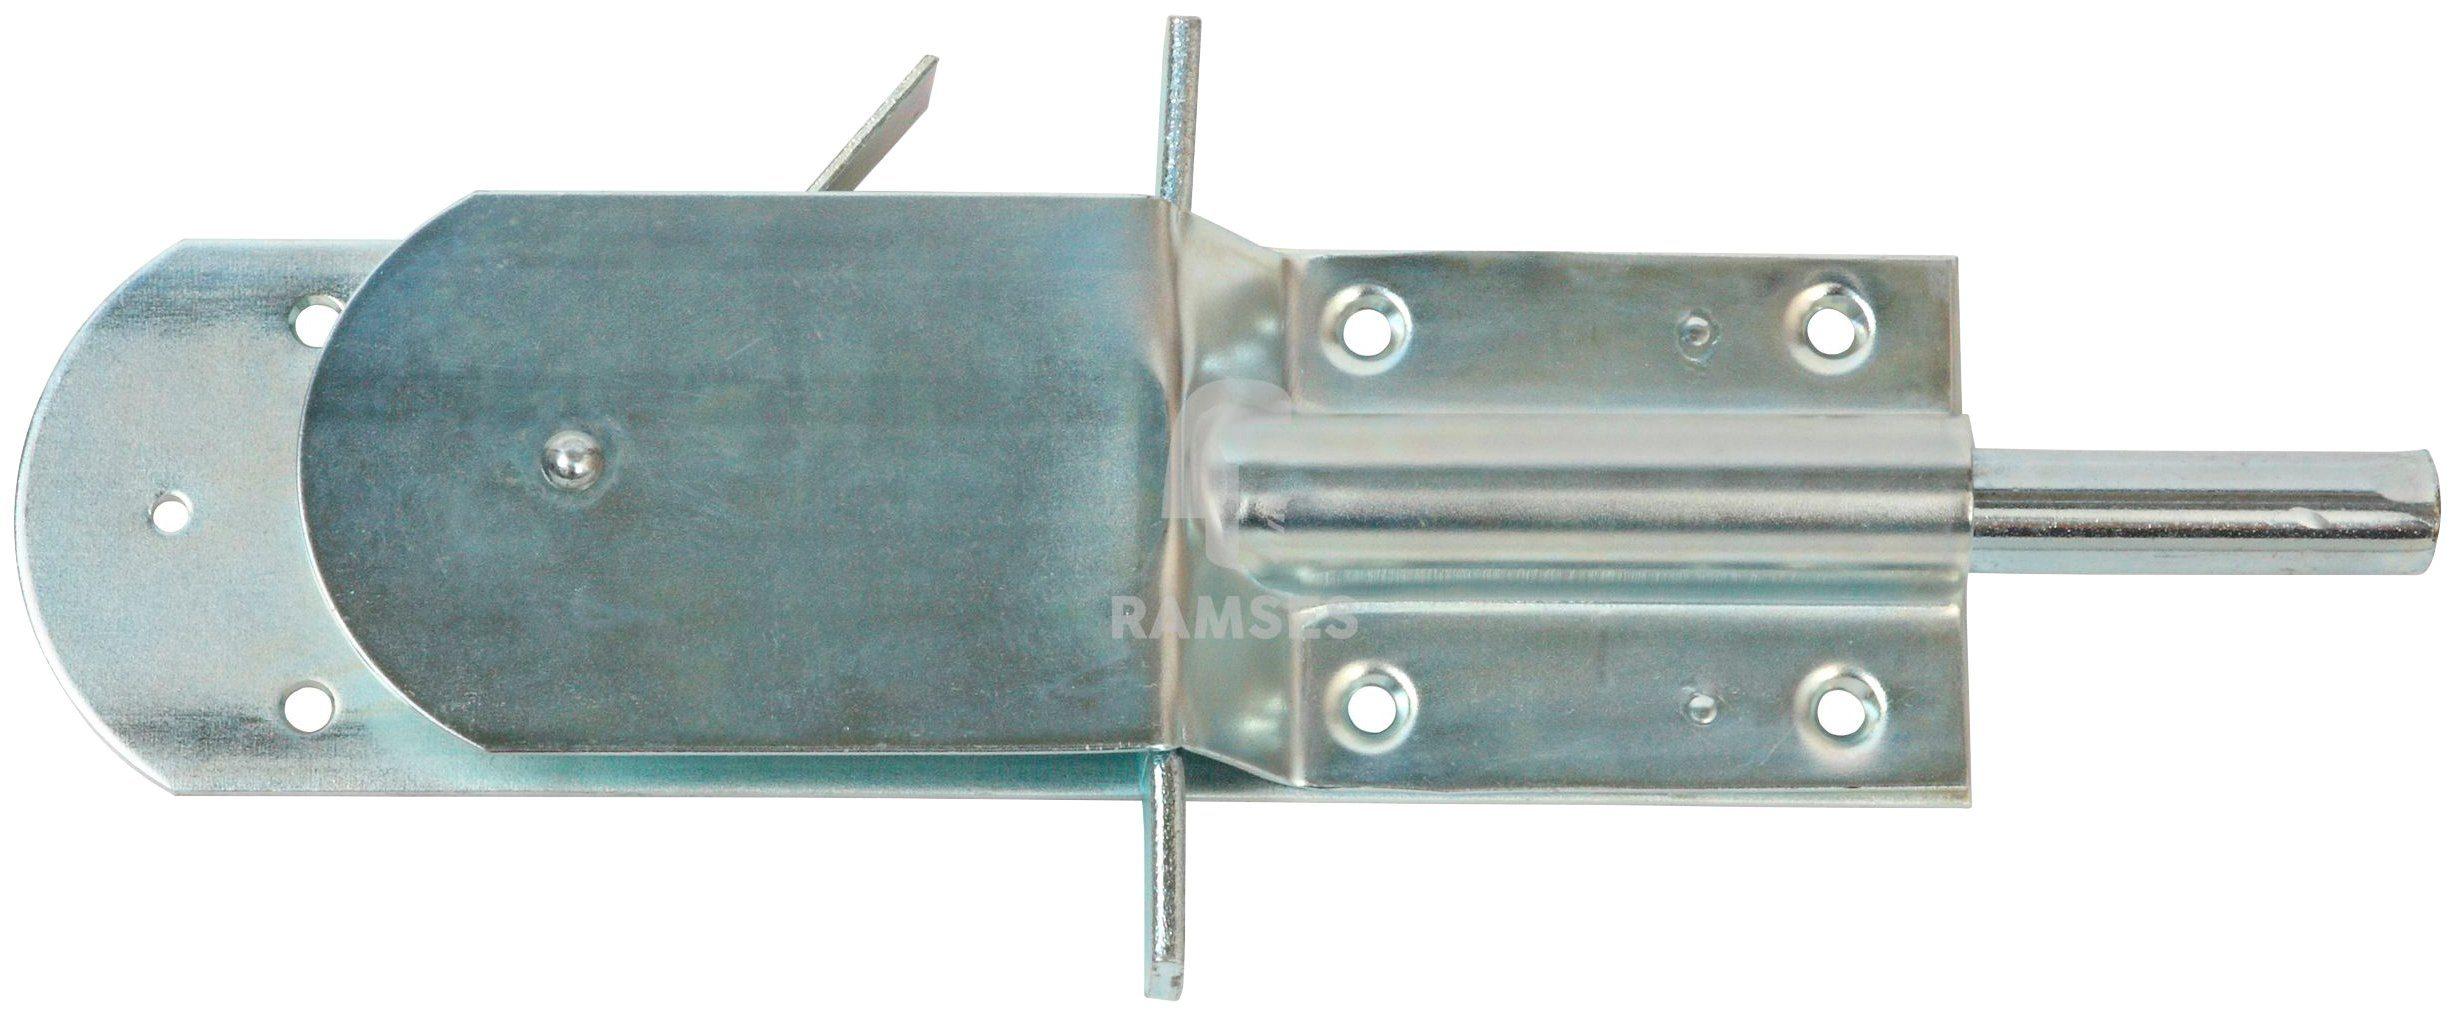 RAMSES Sicherheits-Stallriegel , 225 mm Stahl verzinkt